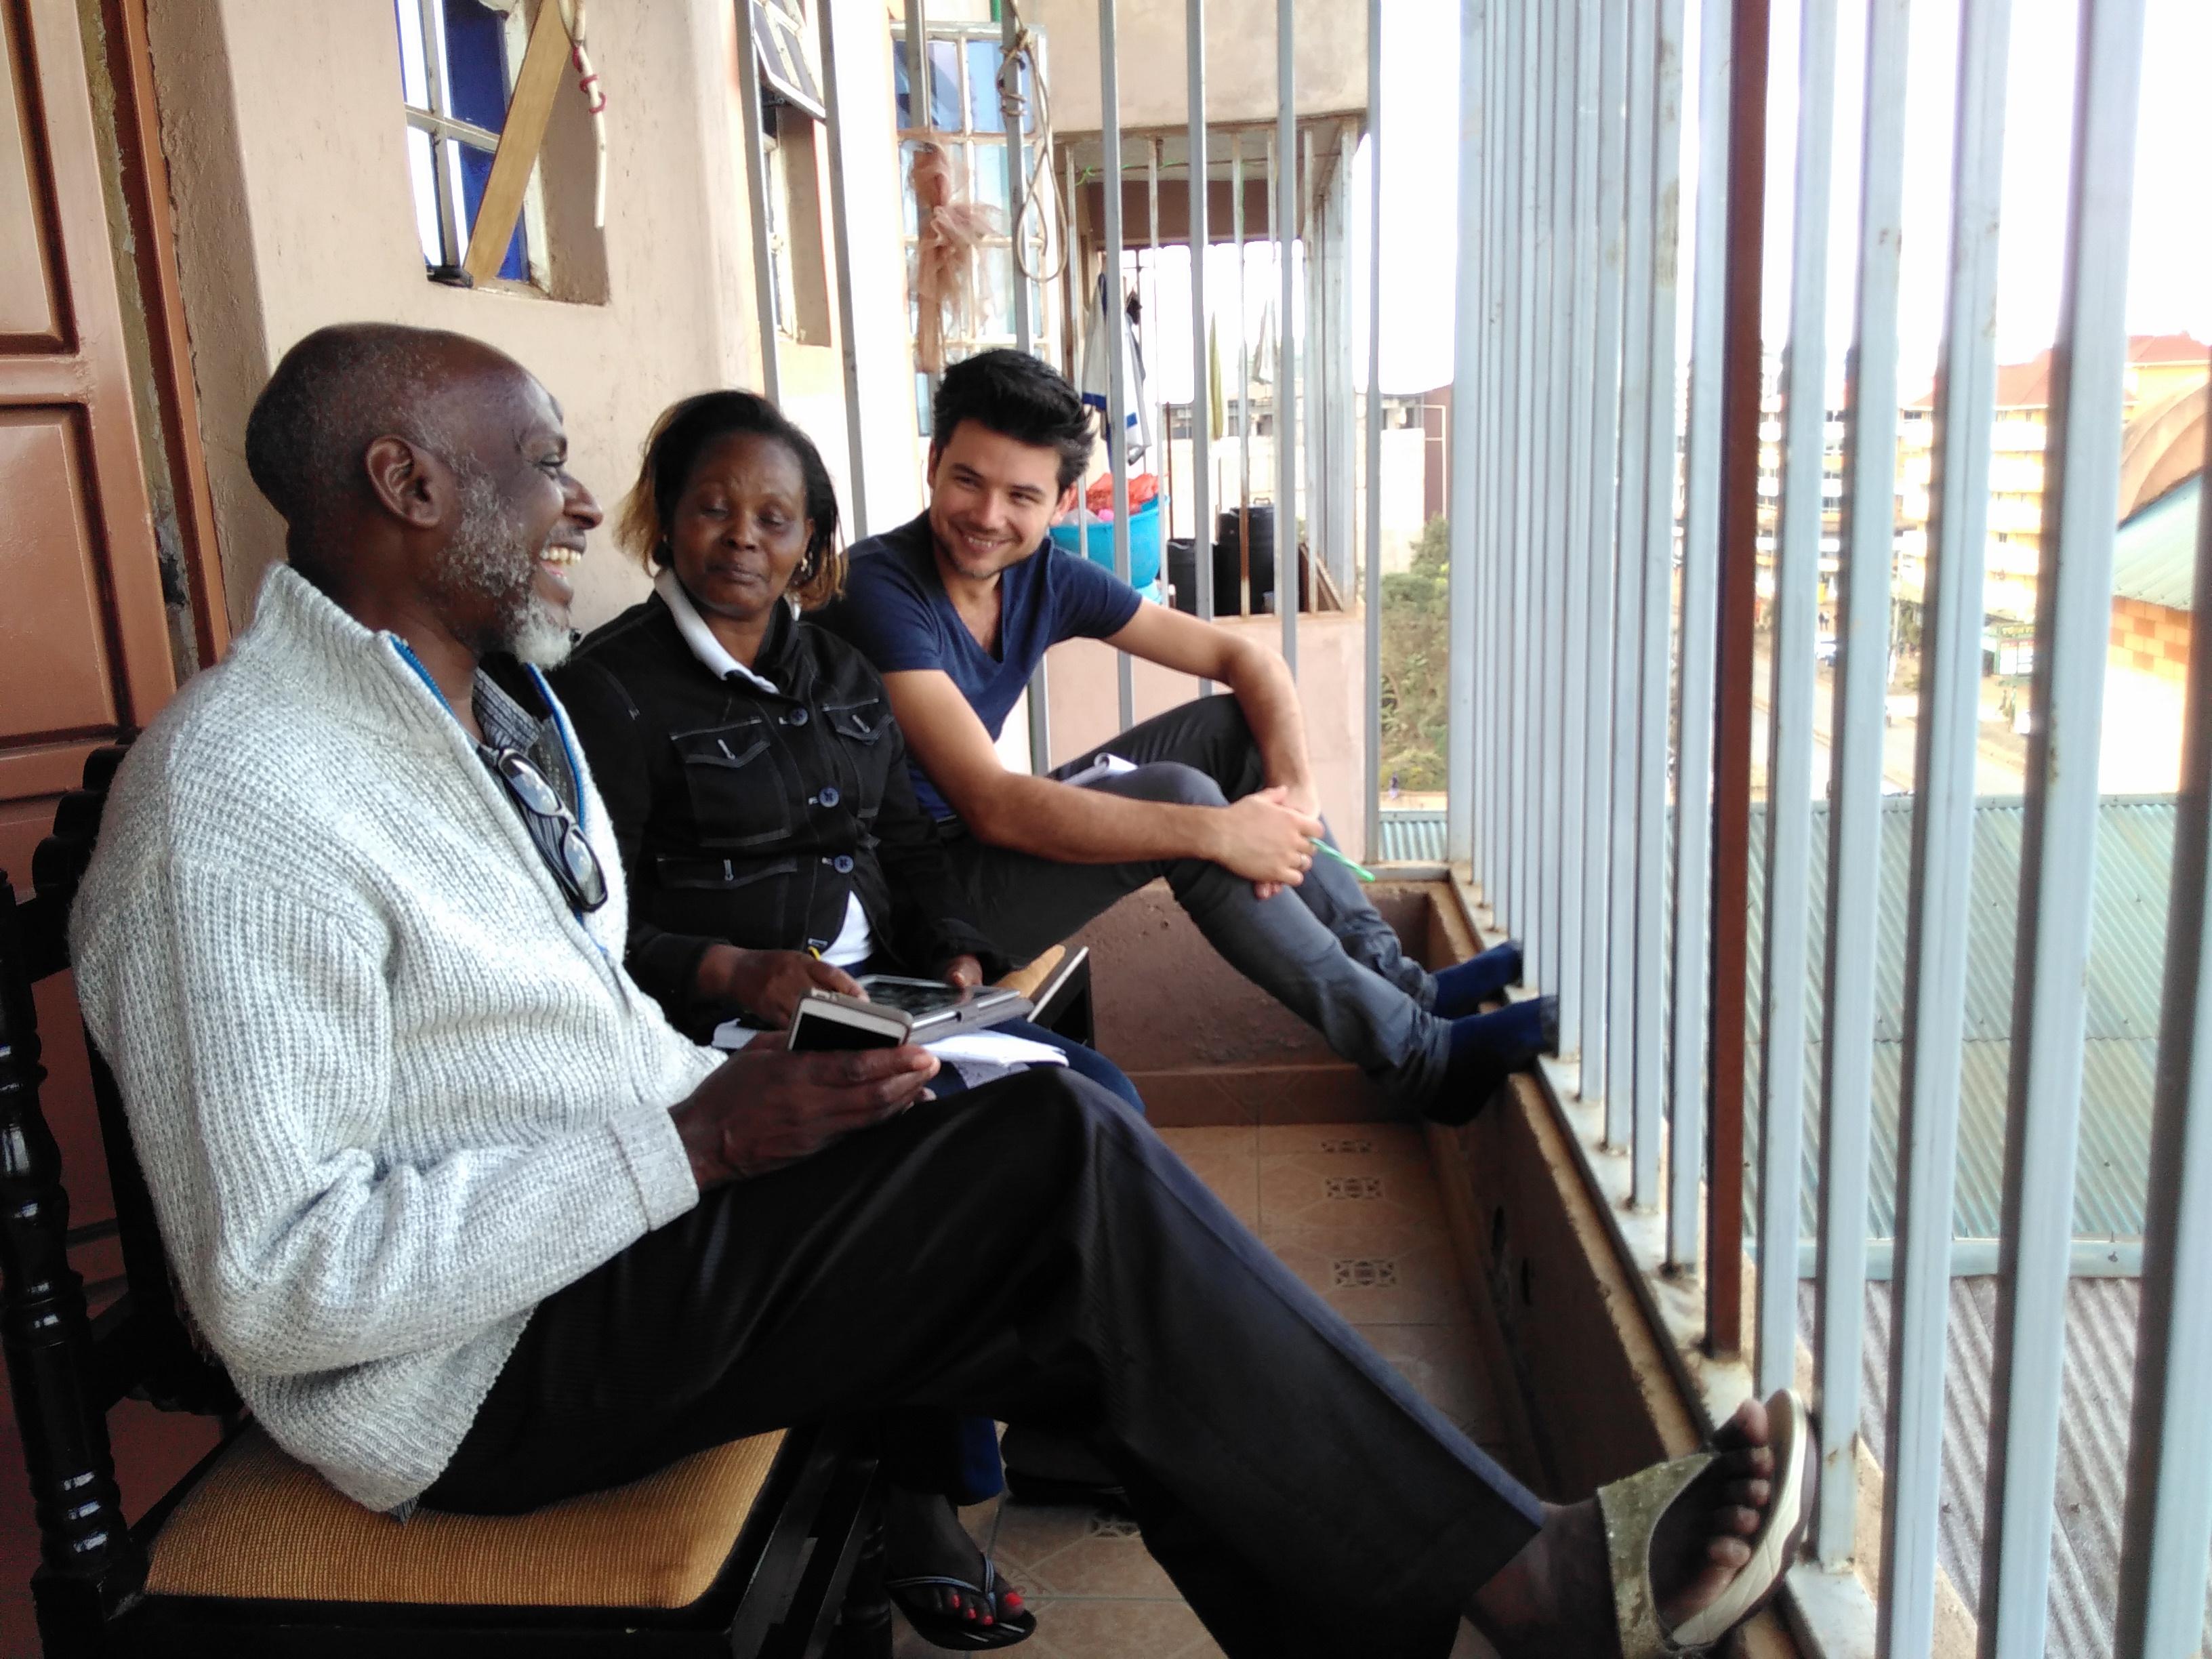 vergadering op het balkon